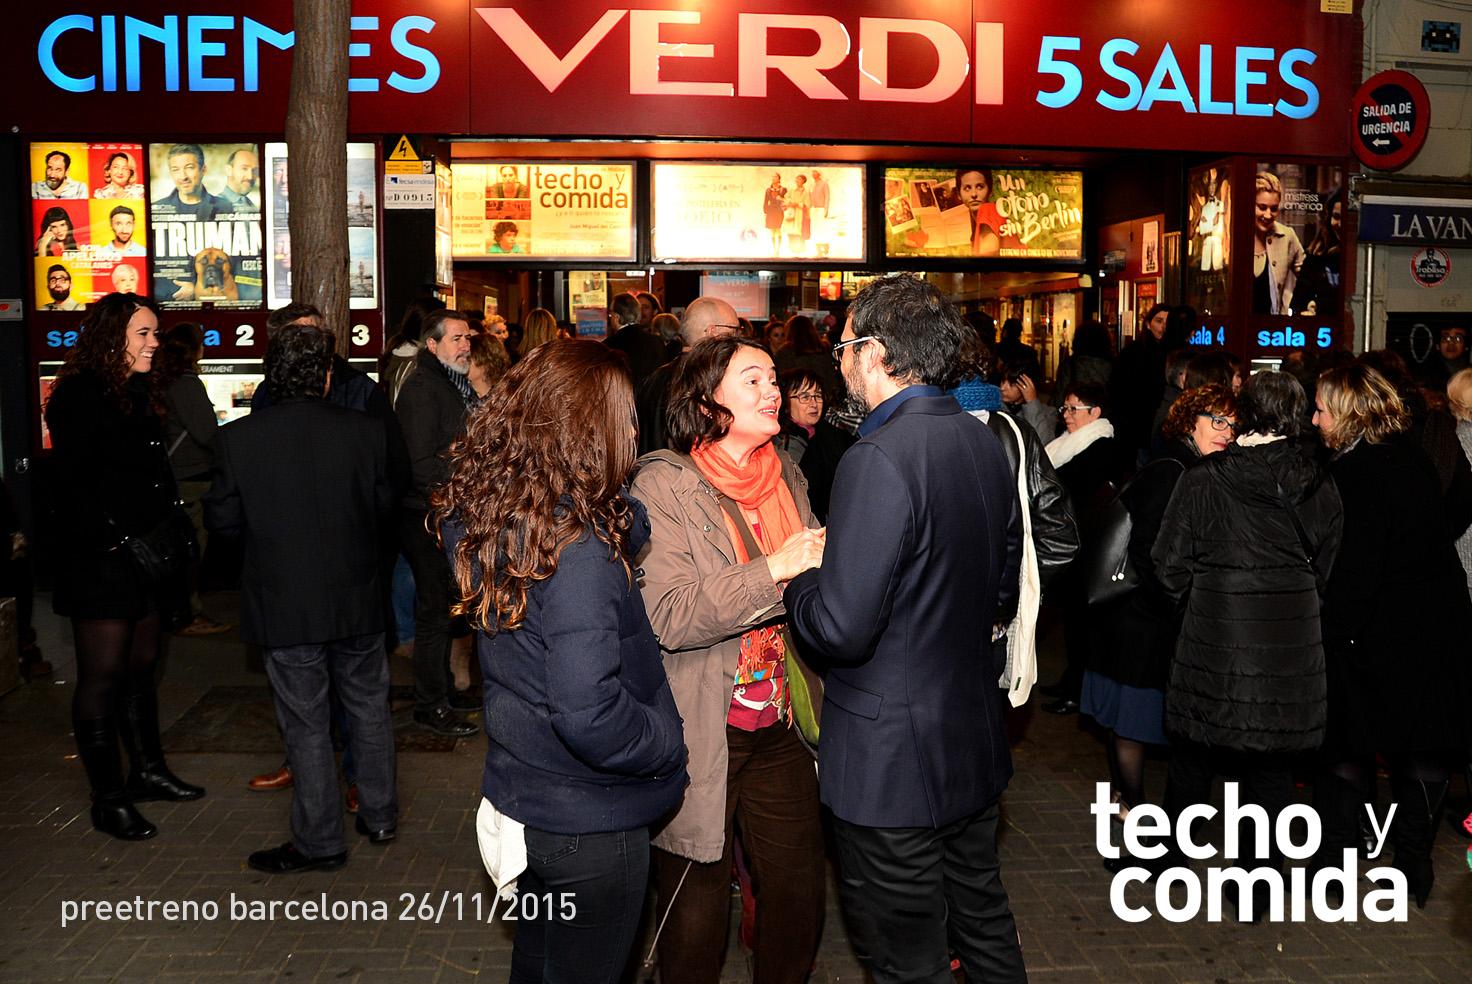 Barcelona_005_Techo y comida